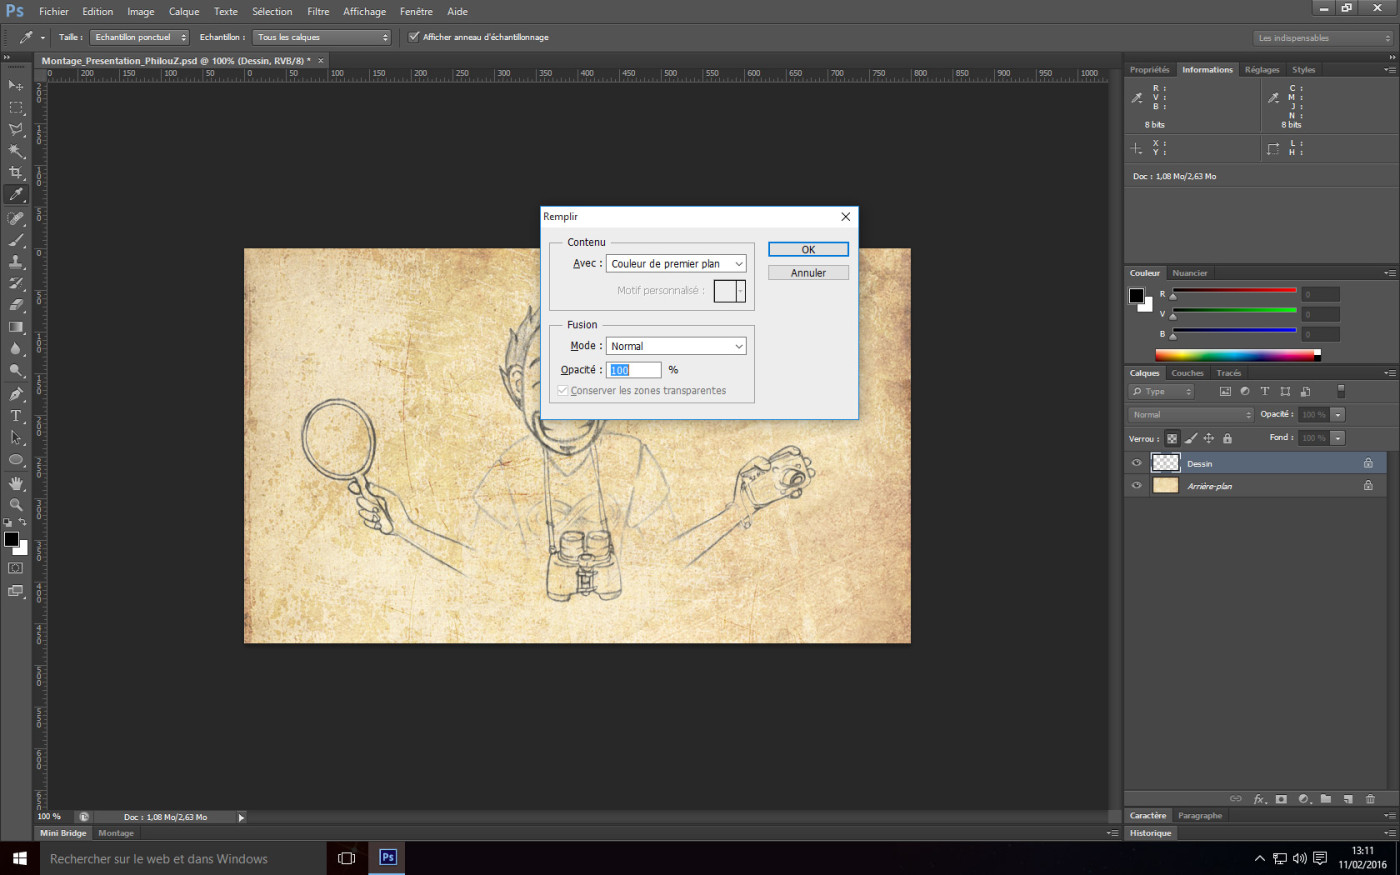 Tutoriel Photoshop - Remplissage avec la couleur de premier plan